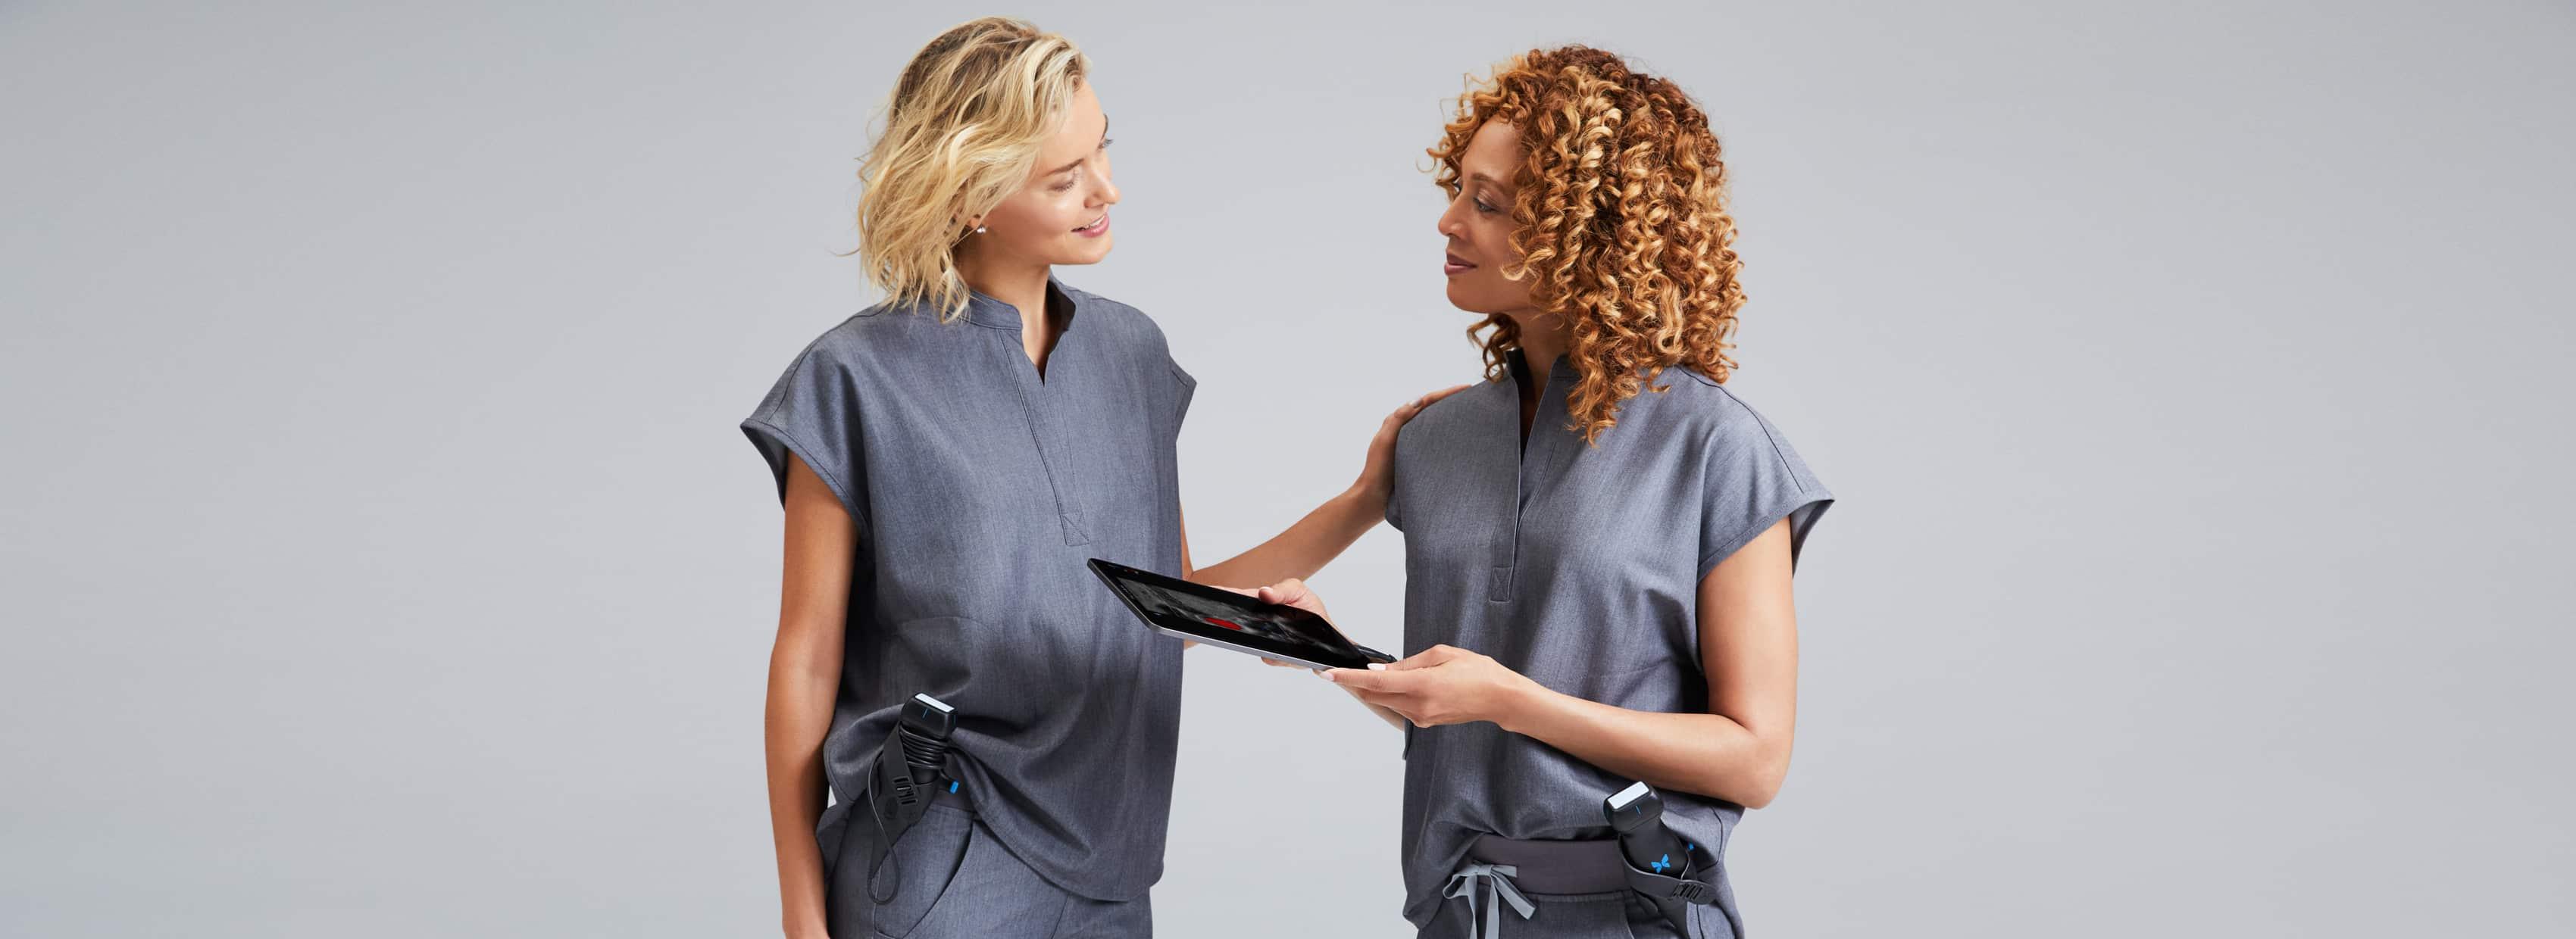 Deux femmes médecins qui discutent.